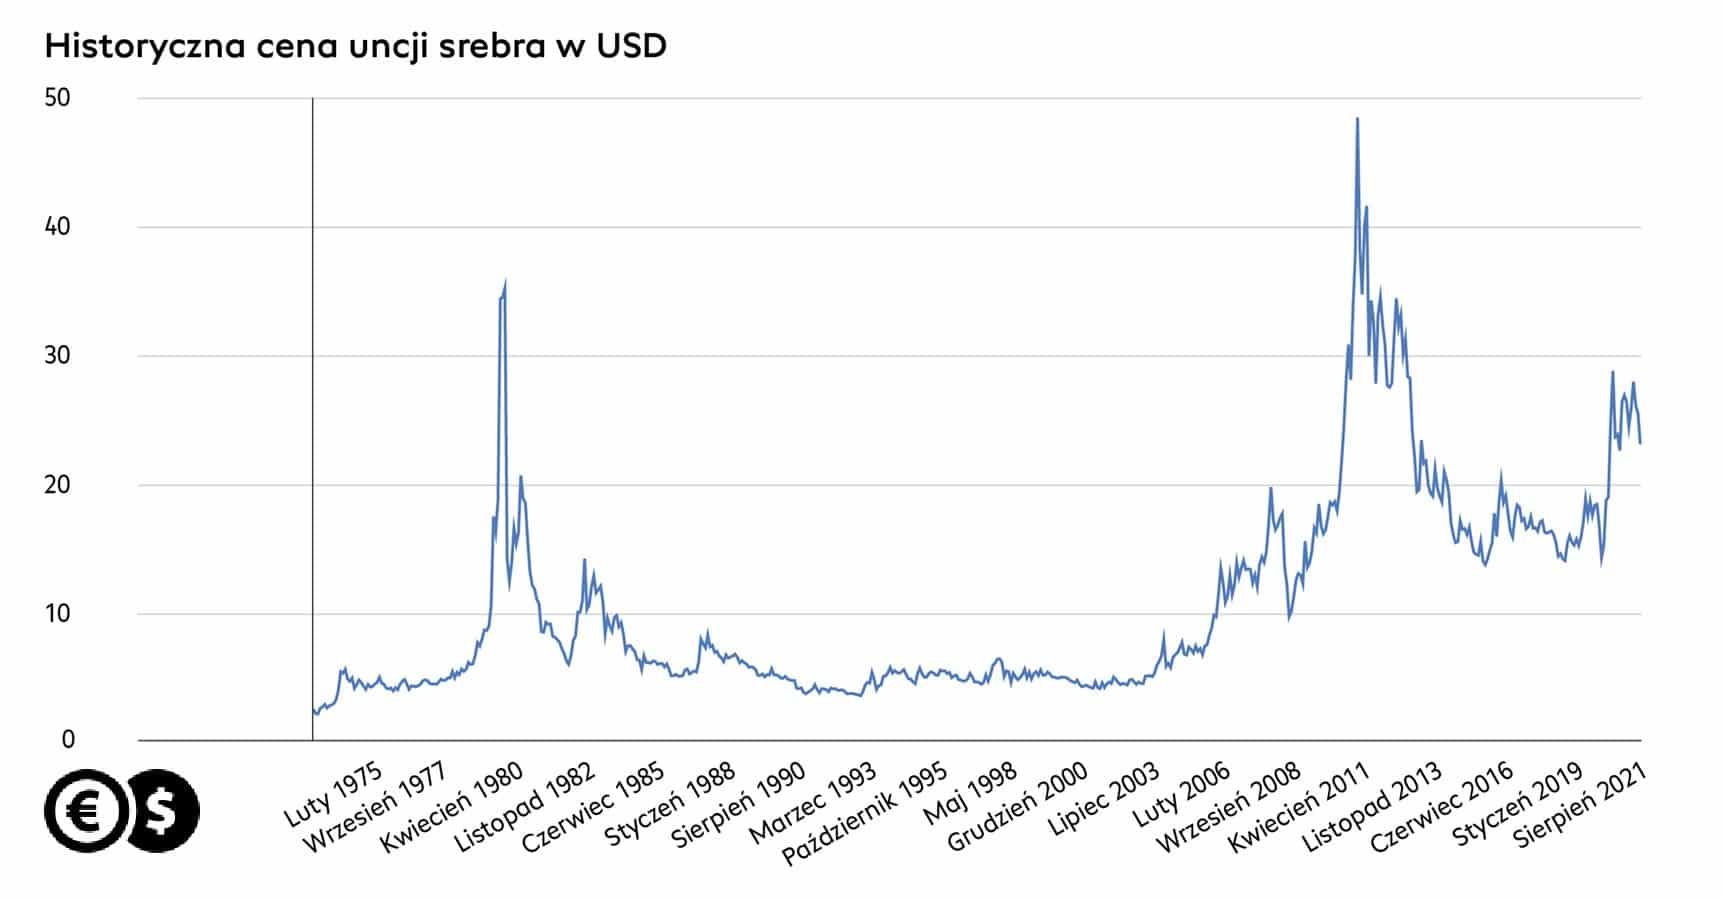 Cena uncji srebra wykres